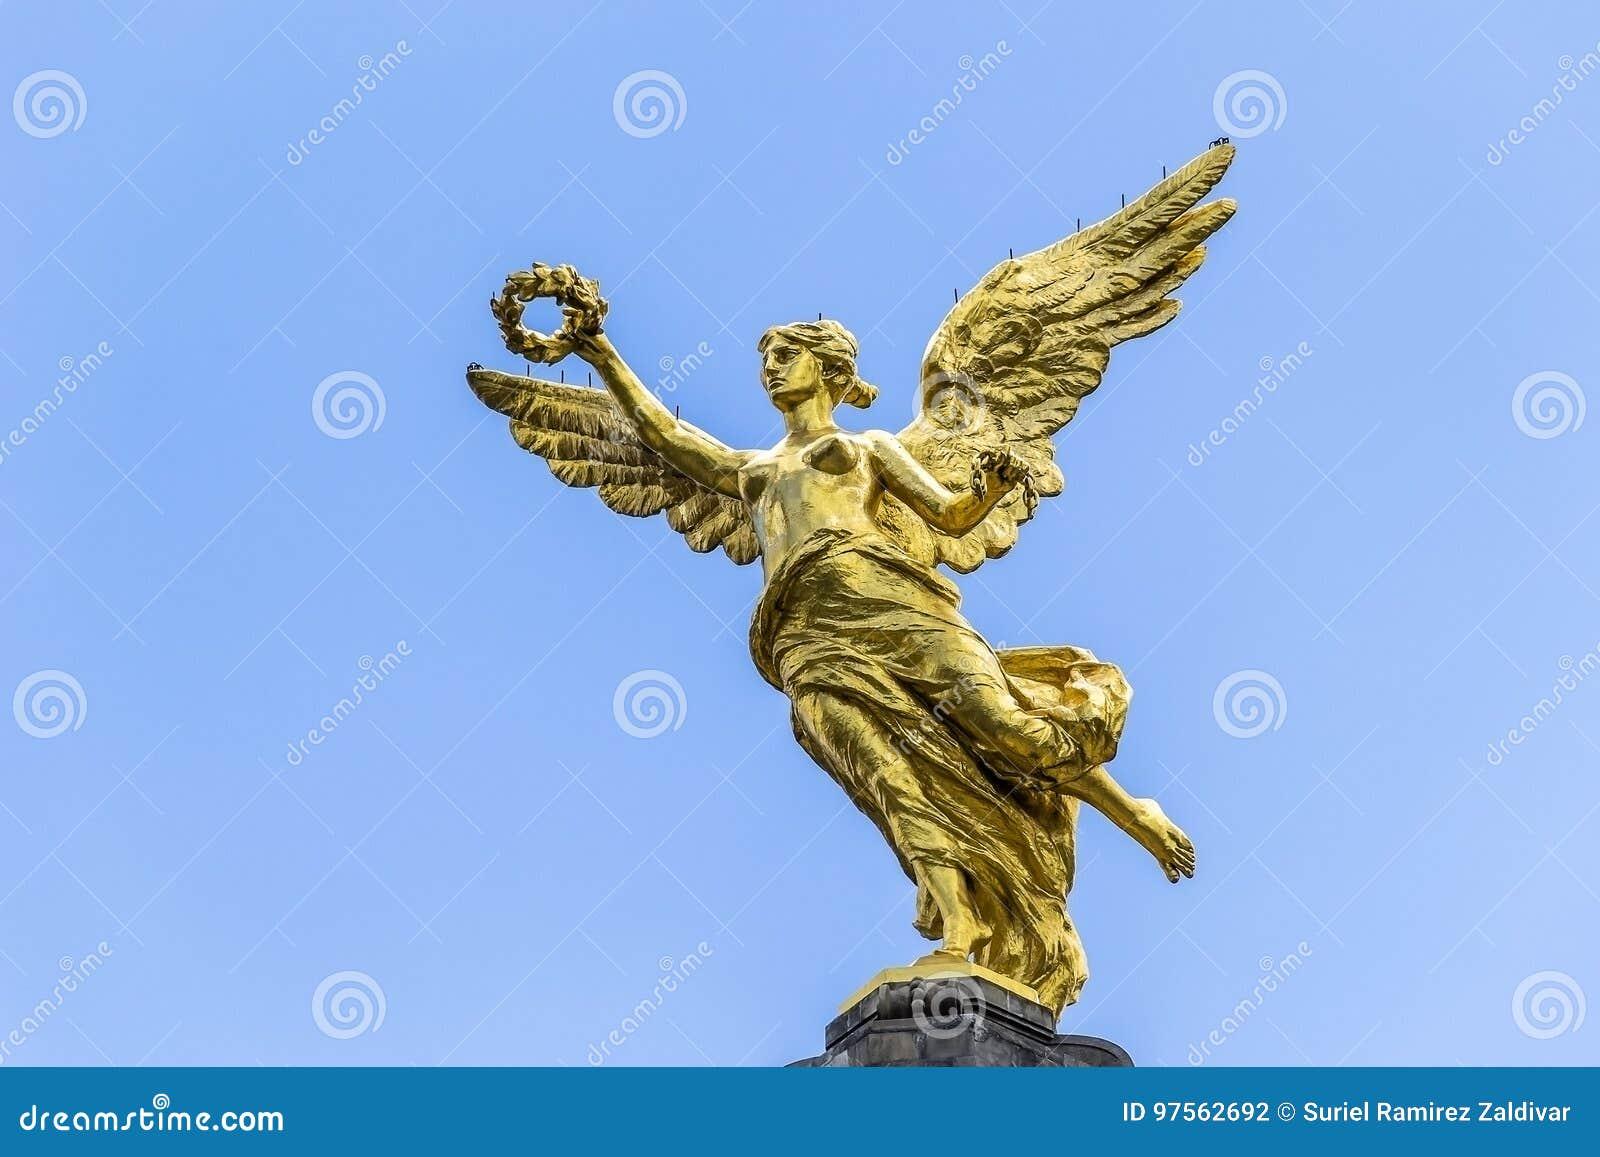 Angel De La Independencia Stock Photo Image Of Symbol 97562692